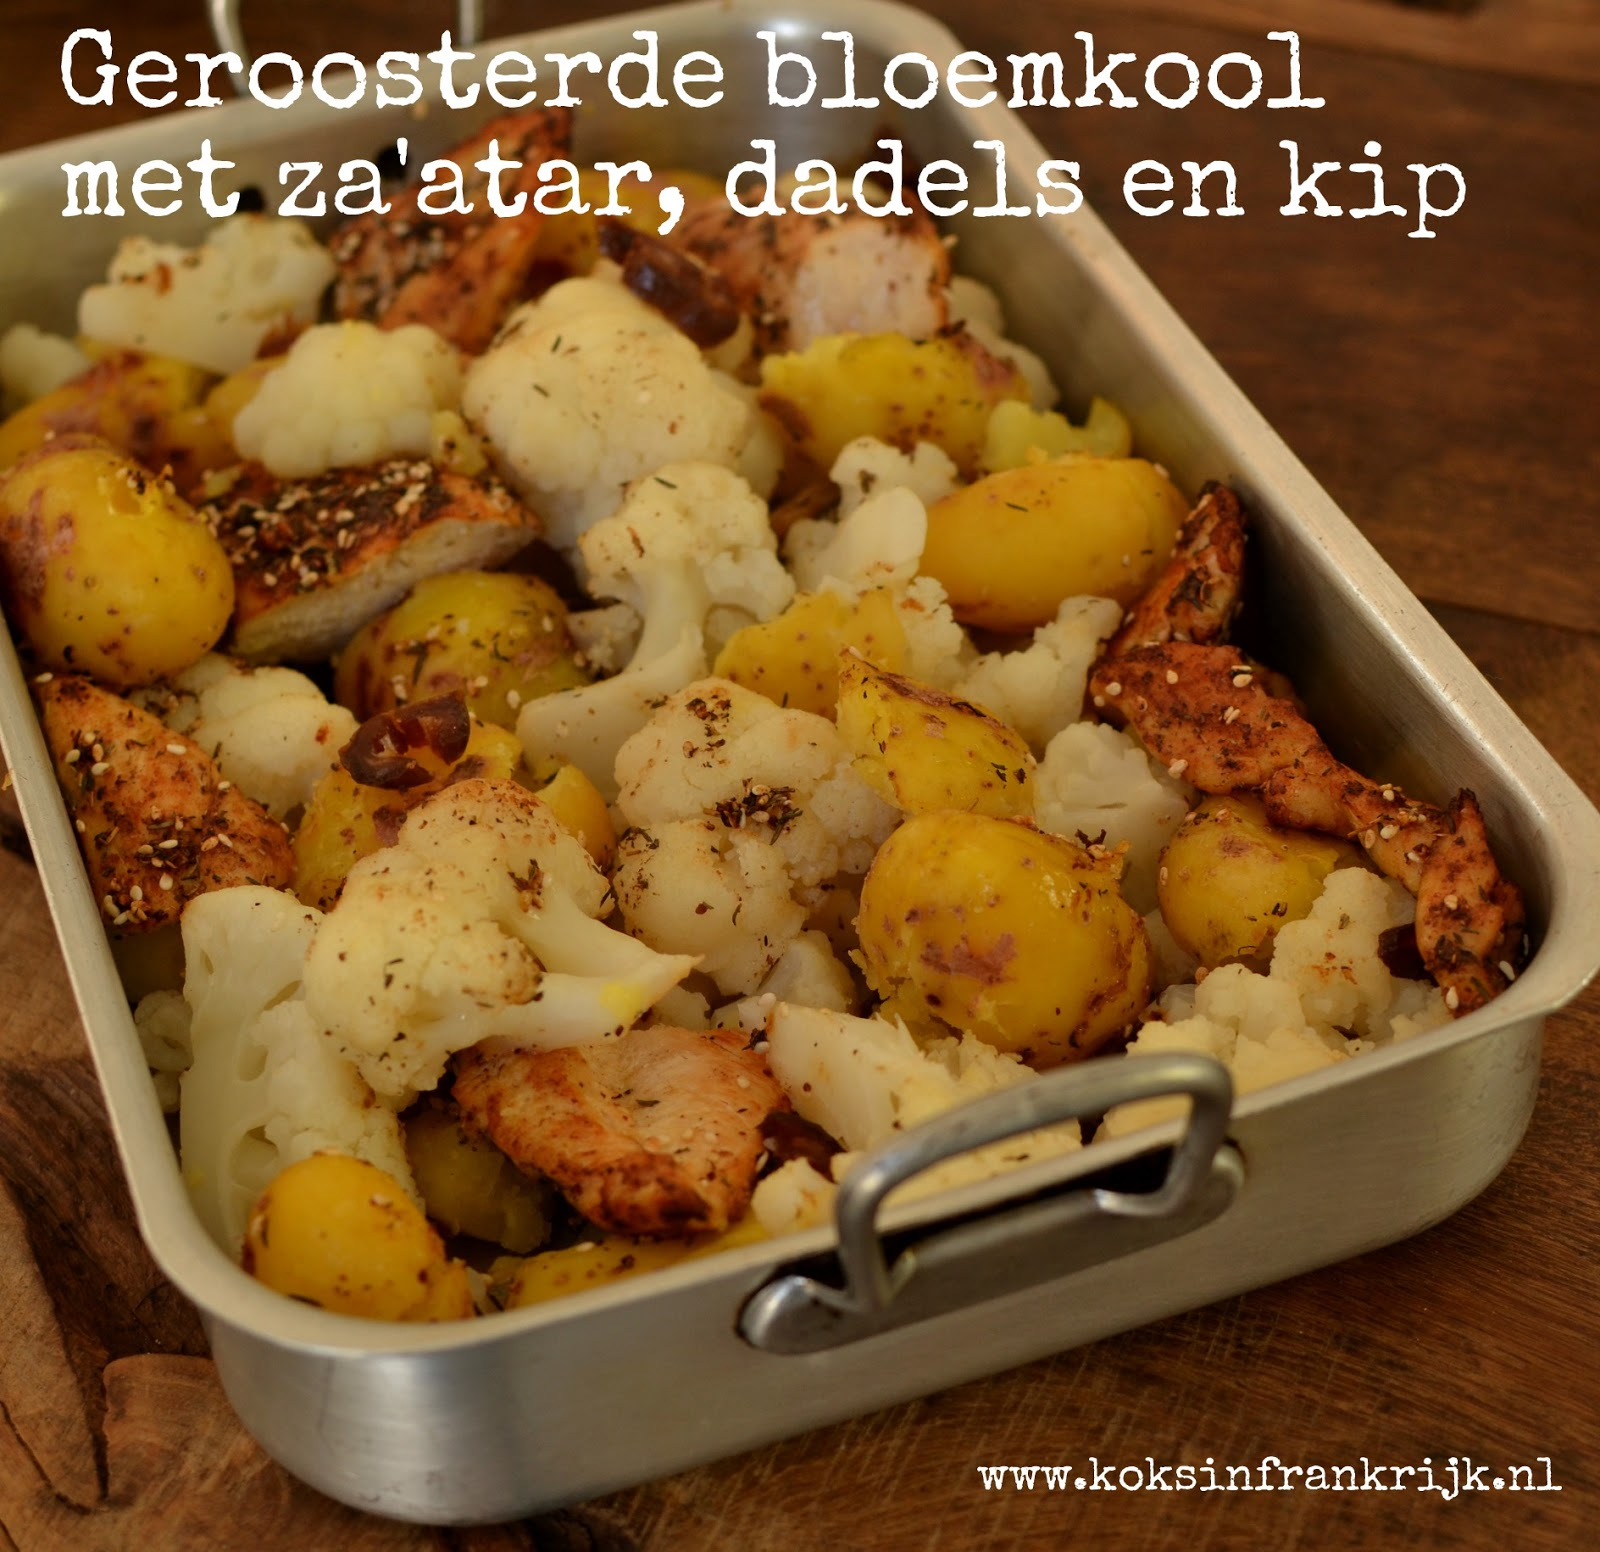 Geroosterde bloemkool met za'atar, dadels en kip